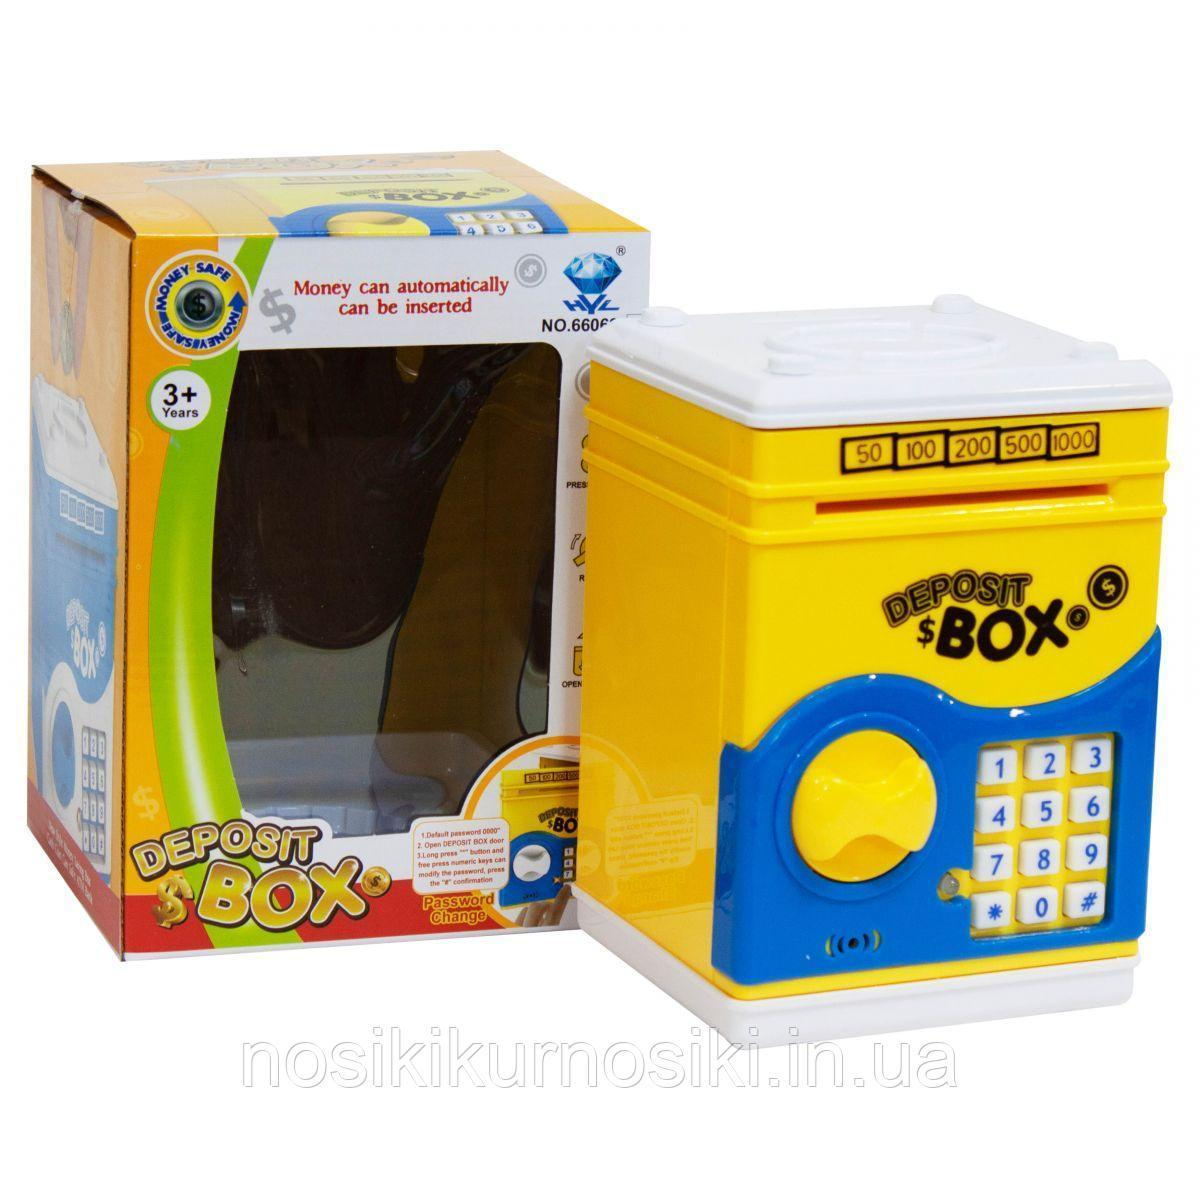 [ОПТ] Детский сейф-копилка со звуком и кодовым замком